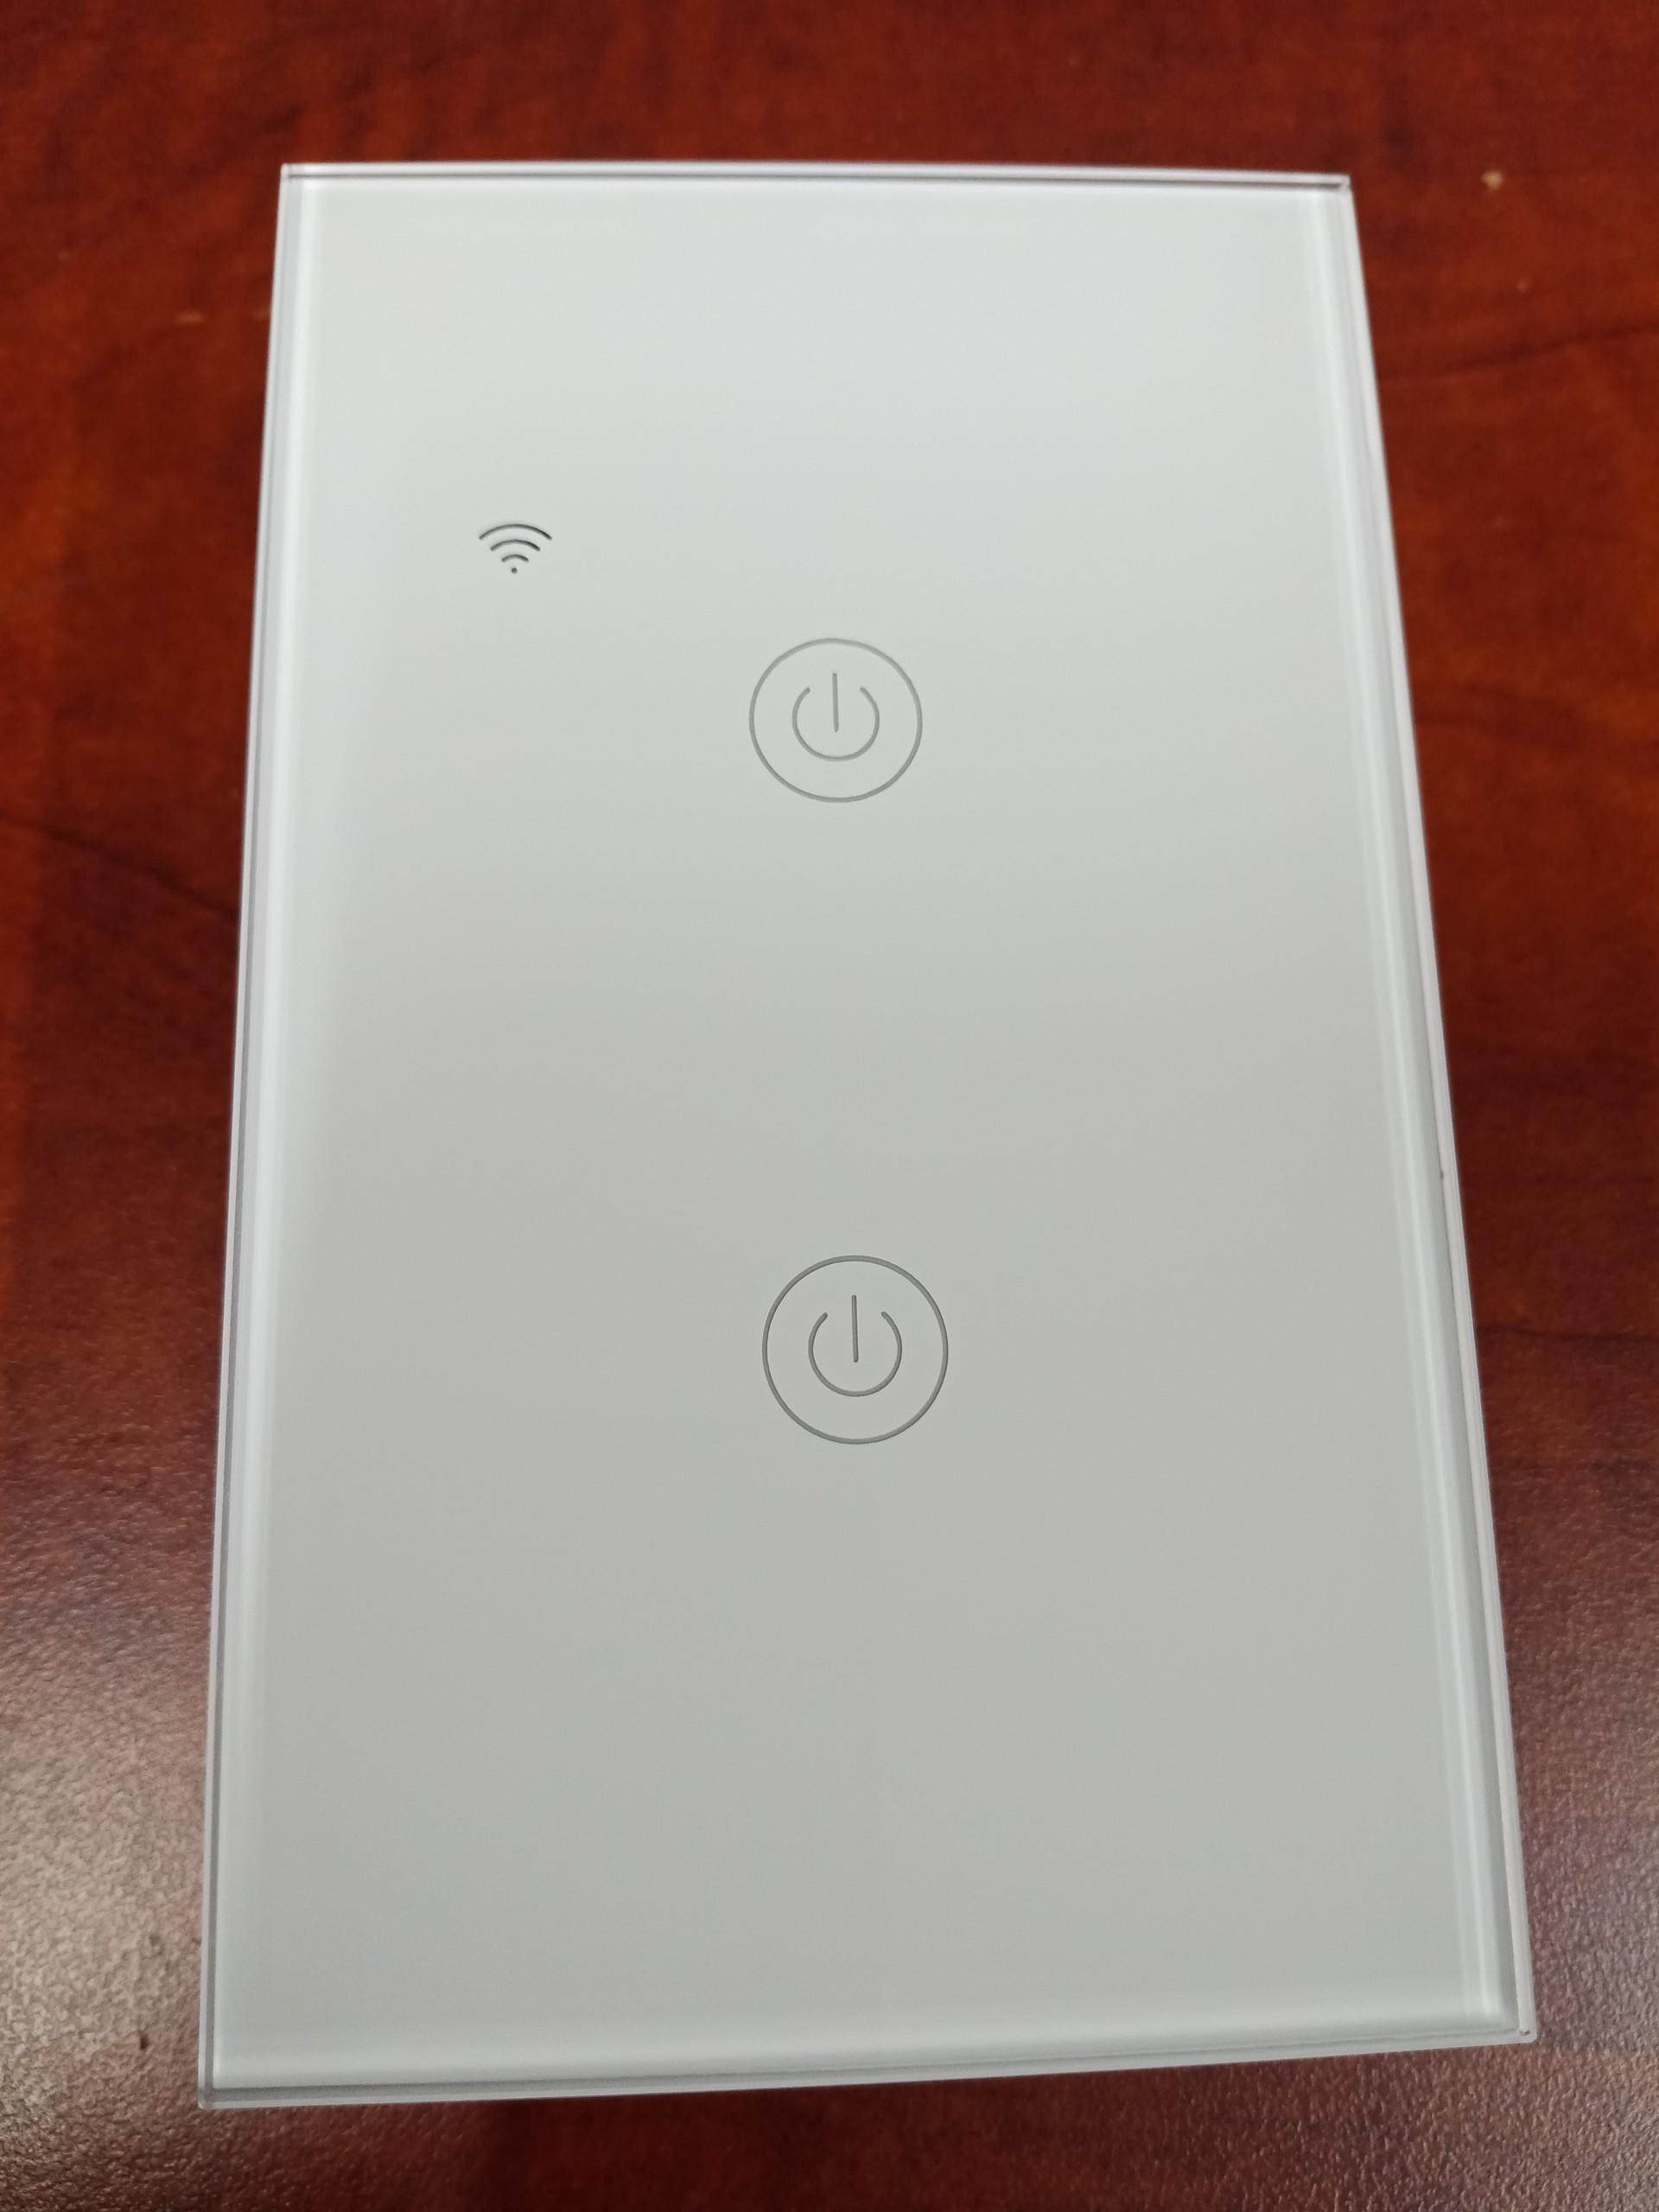 Công tắc điện thông minh Wifi cảm ứng 2 nút giá rẻ - màu trắng HCN - Hàng nhập khẩu